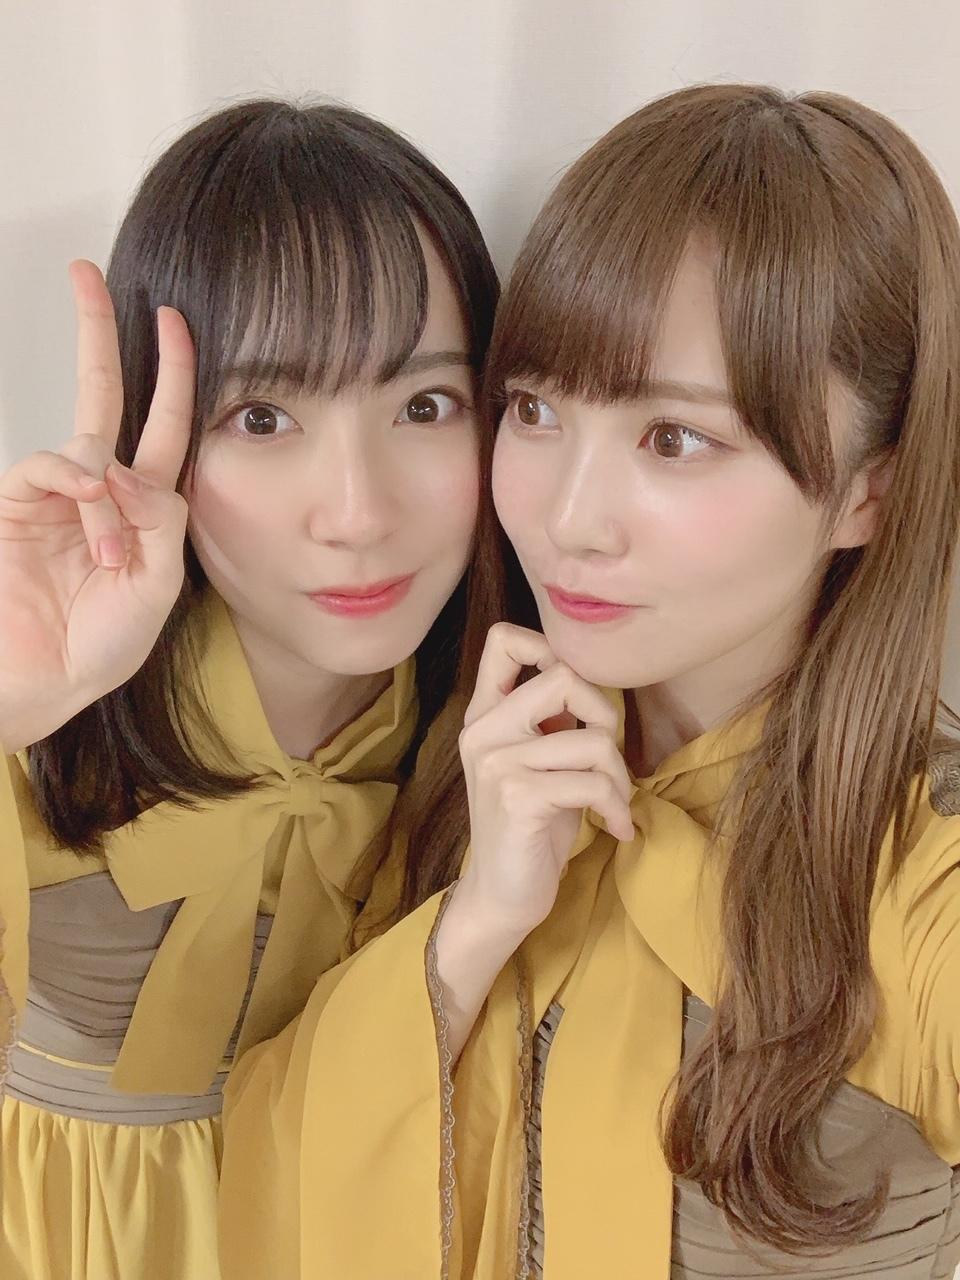 出演 日 向坂 46 予定 テレビ